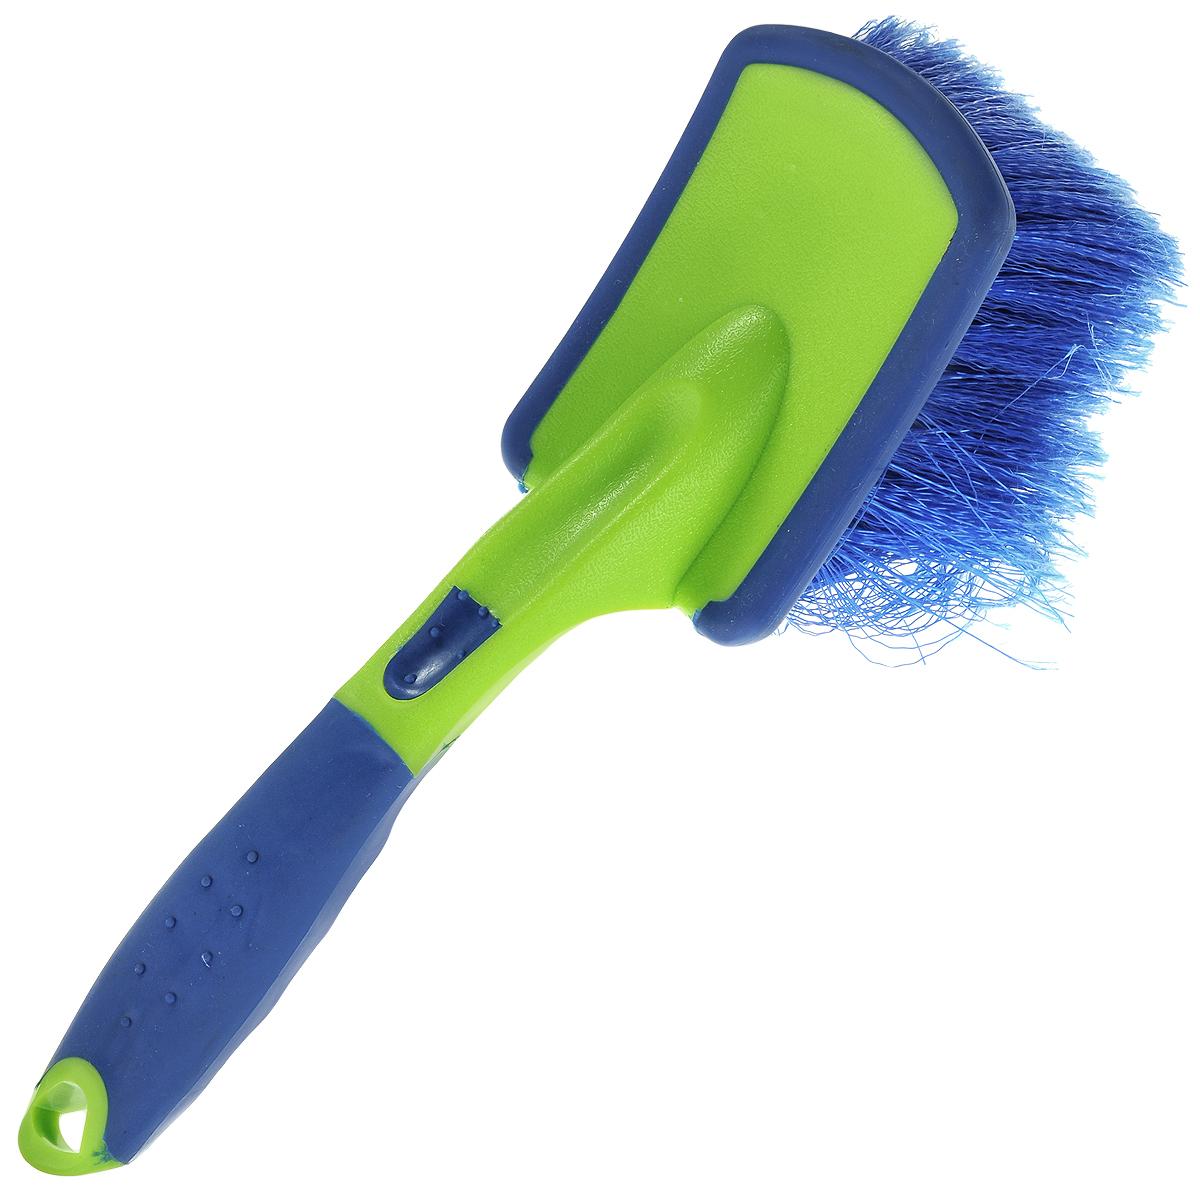 Щетка для мытья автомобиля Sapfire, цвет: синий, салатовый, 24,5 см0725-SBDЩетка Sapfire предназначена для мытья автомобиля. Рукоятка выполнена из прочного прорезиненного пластика. Щетка из специального полимера обеспечивает длительную эксплуатацию. Мягкая долговечная щетина с распушенными кончиками легко справится с грязью, не повреждая лакокрасочного покрытия автомобиля. Размер рабочей поверхности (ДхШхВ): 10 см х 7 см х 6 см.